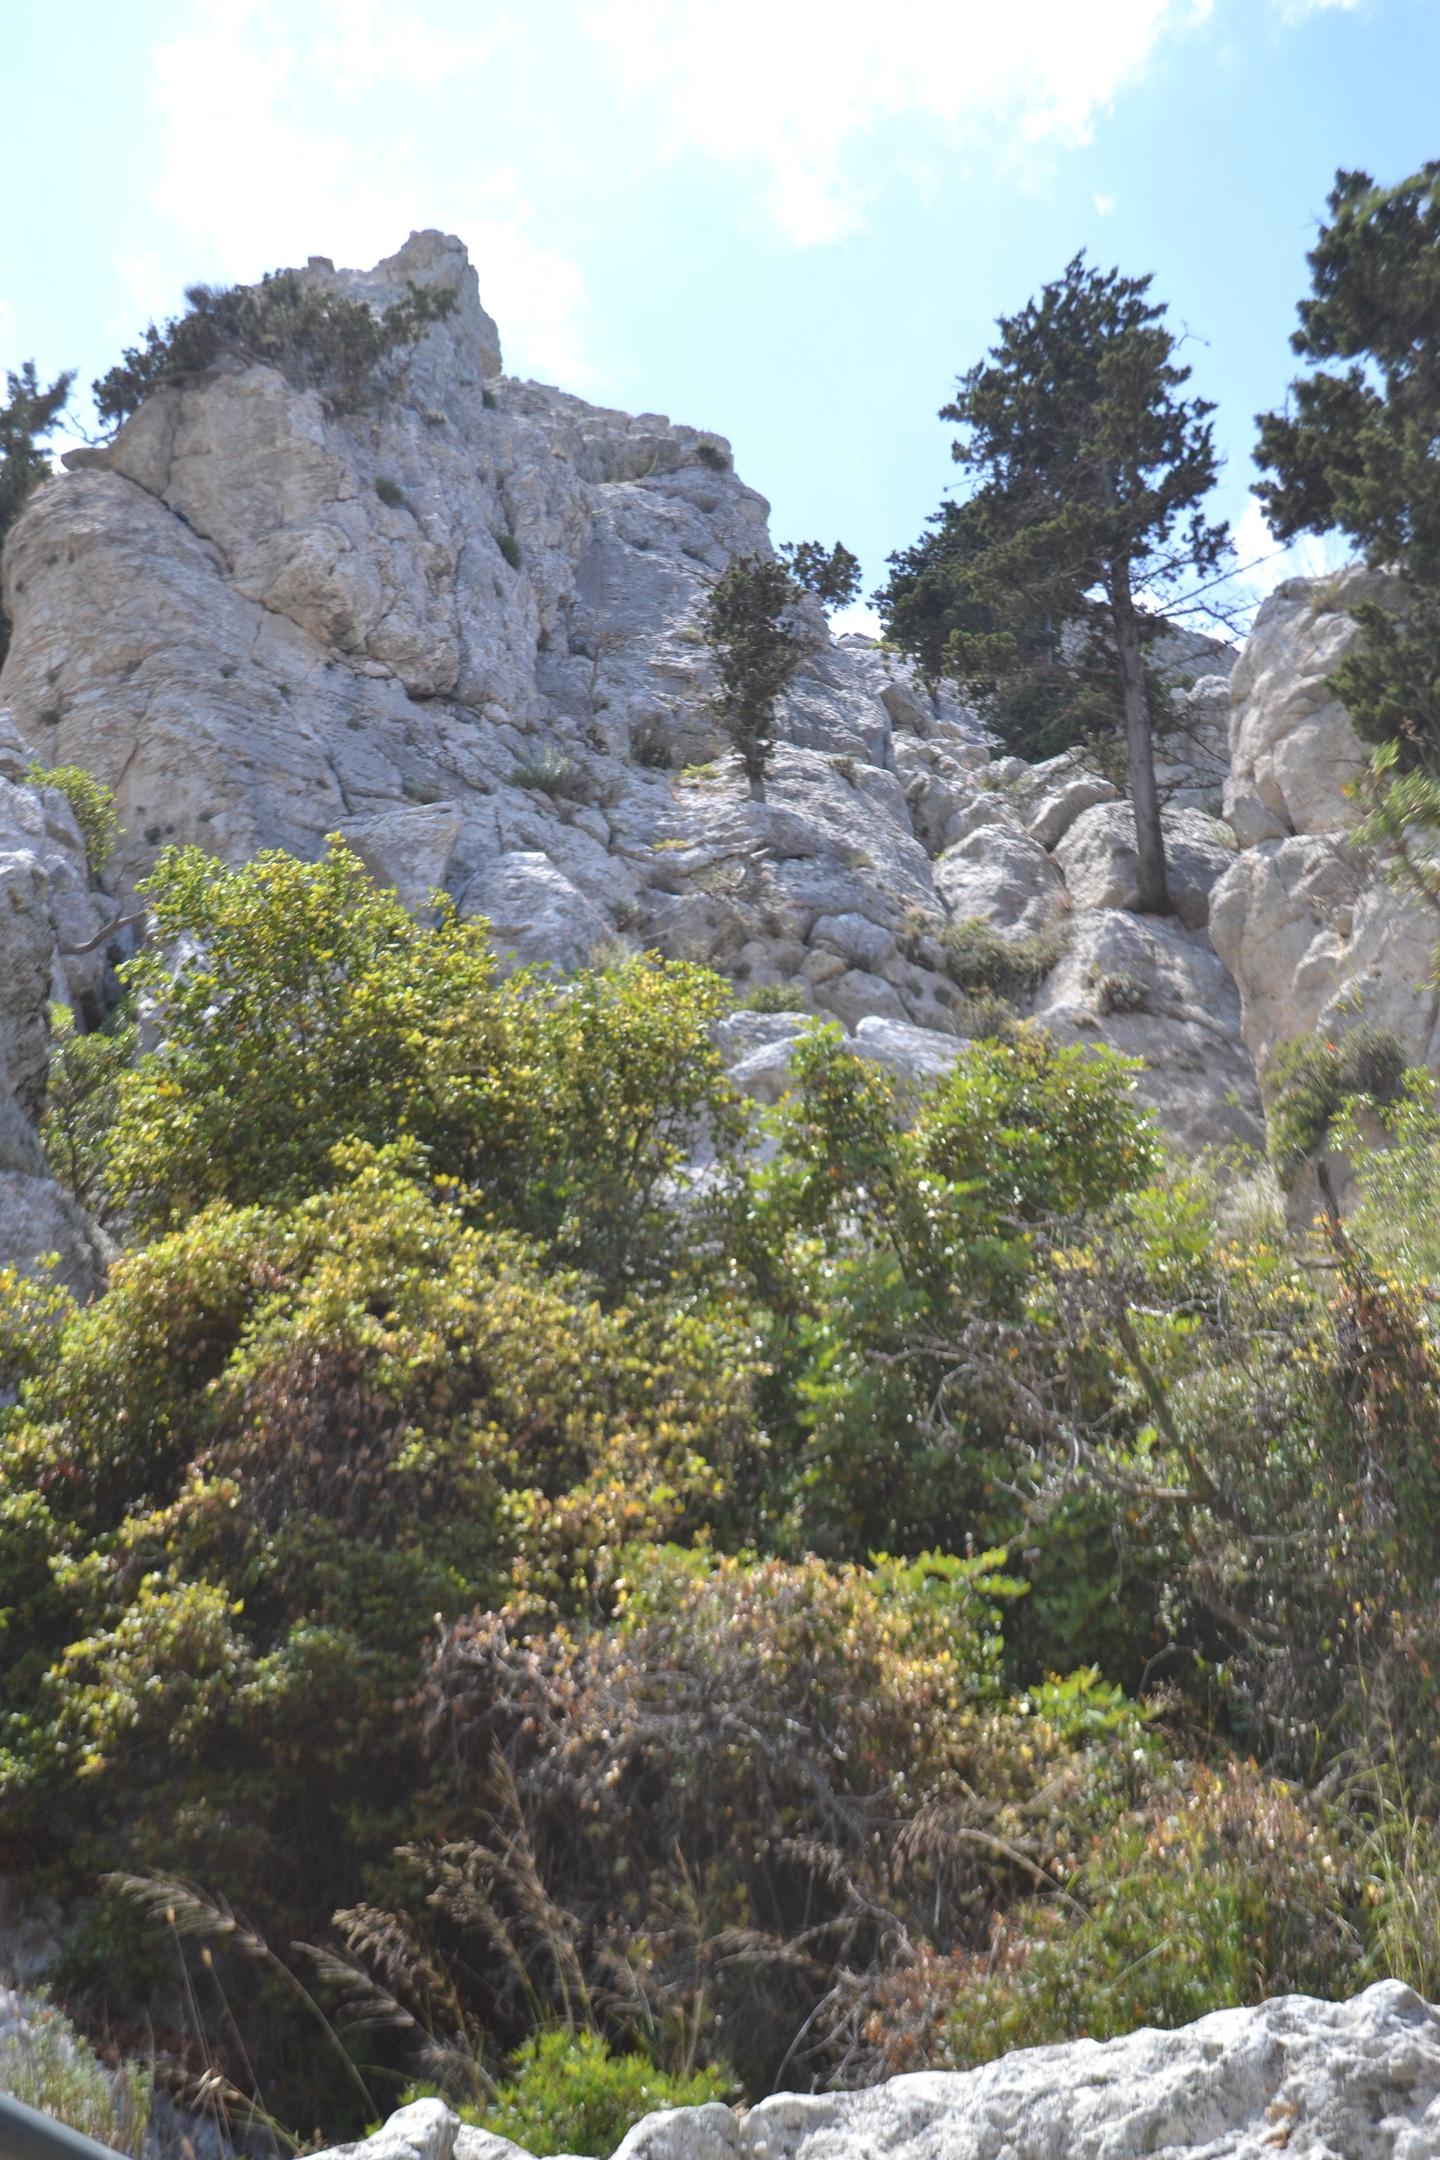 Северный Кипр. Замок Святого Иллариона. (фото). - Страница 2 41RdggzUWl4